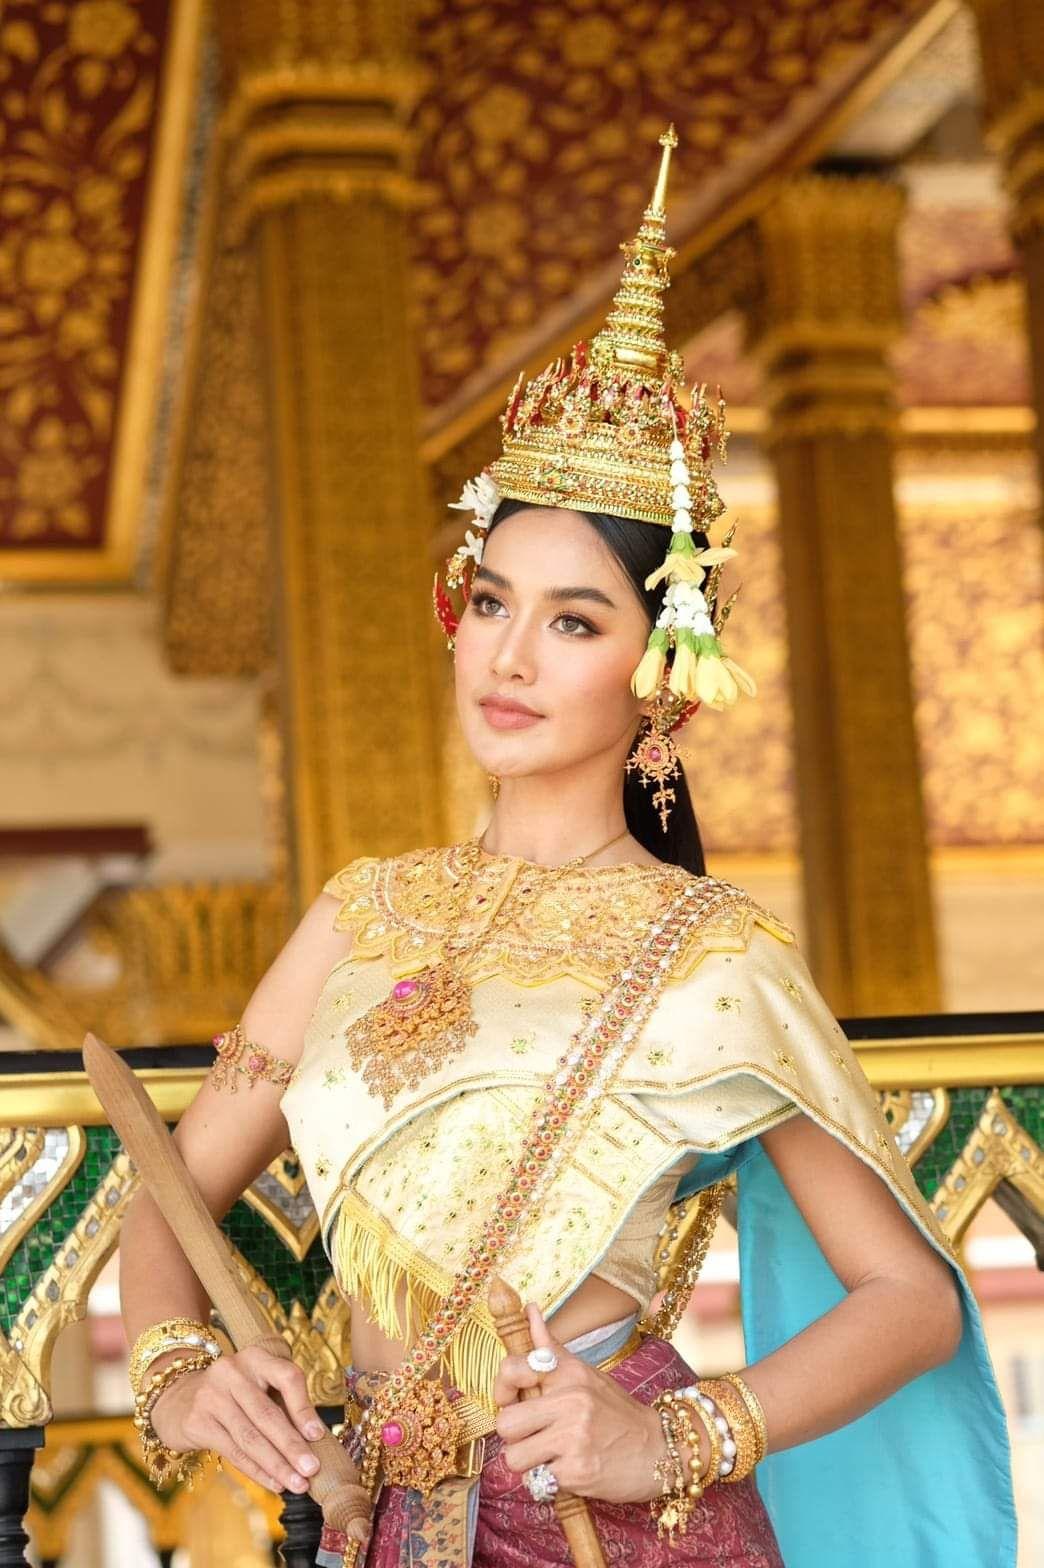 ปักพินในบอร์ด Songkran festival, Thailand